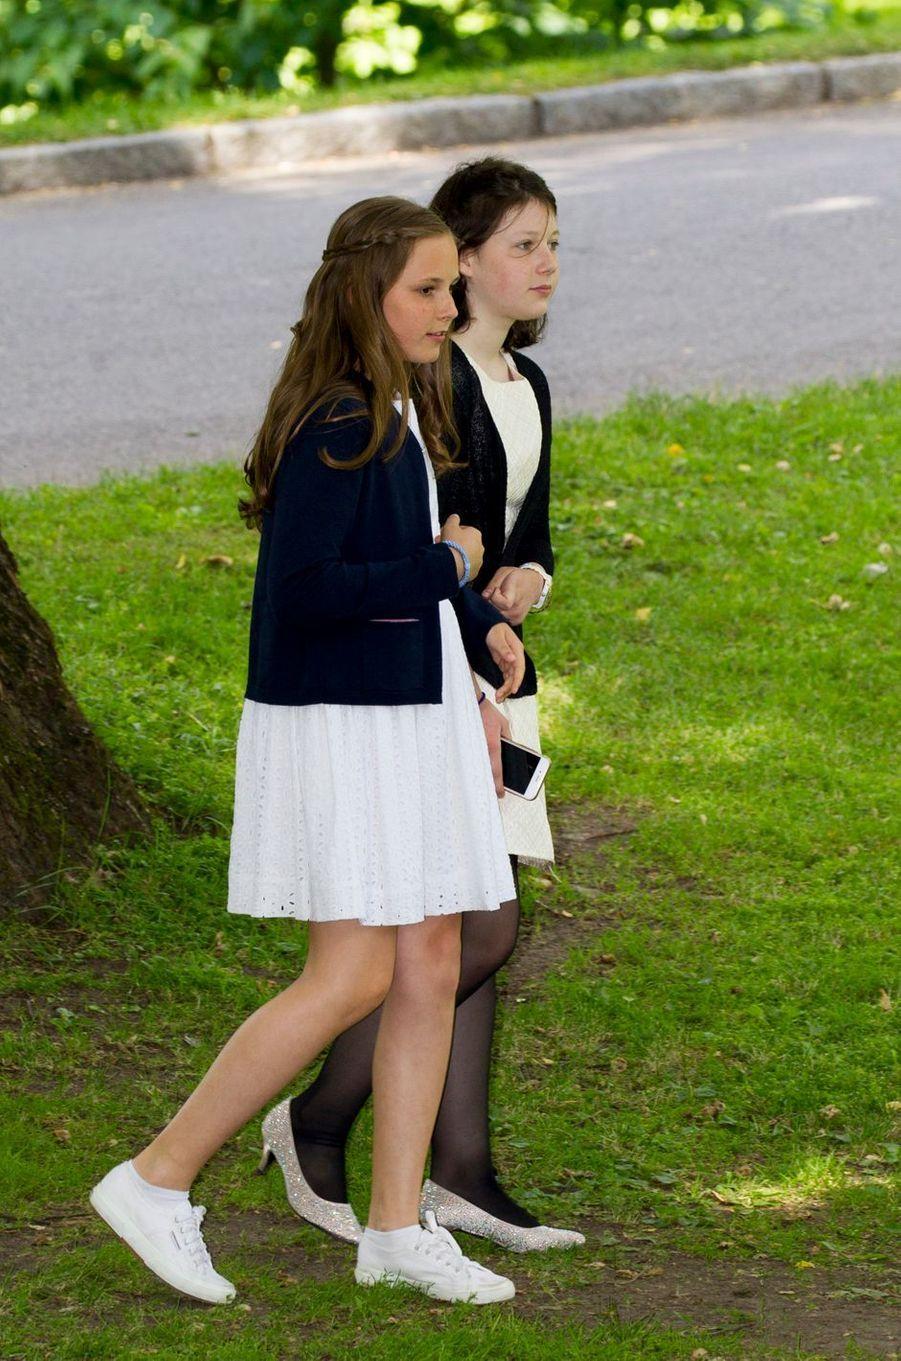 La princesse Ingrid Alexandra de Norvège et Maud Angelica Behn à Oslo, le 4 juillet 2017